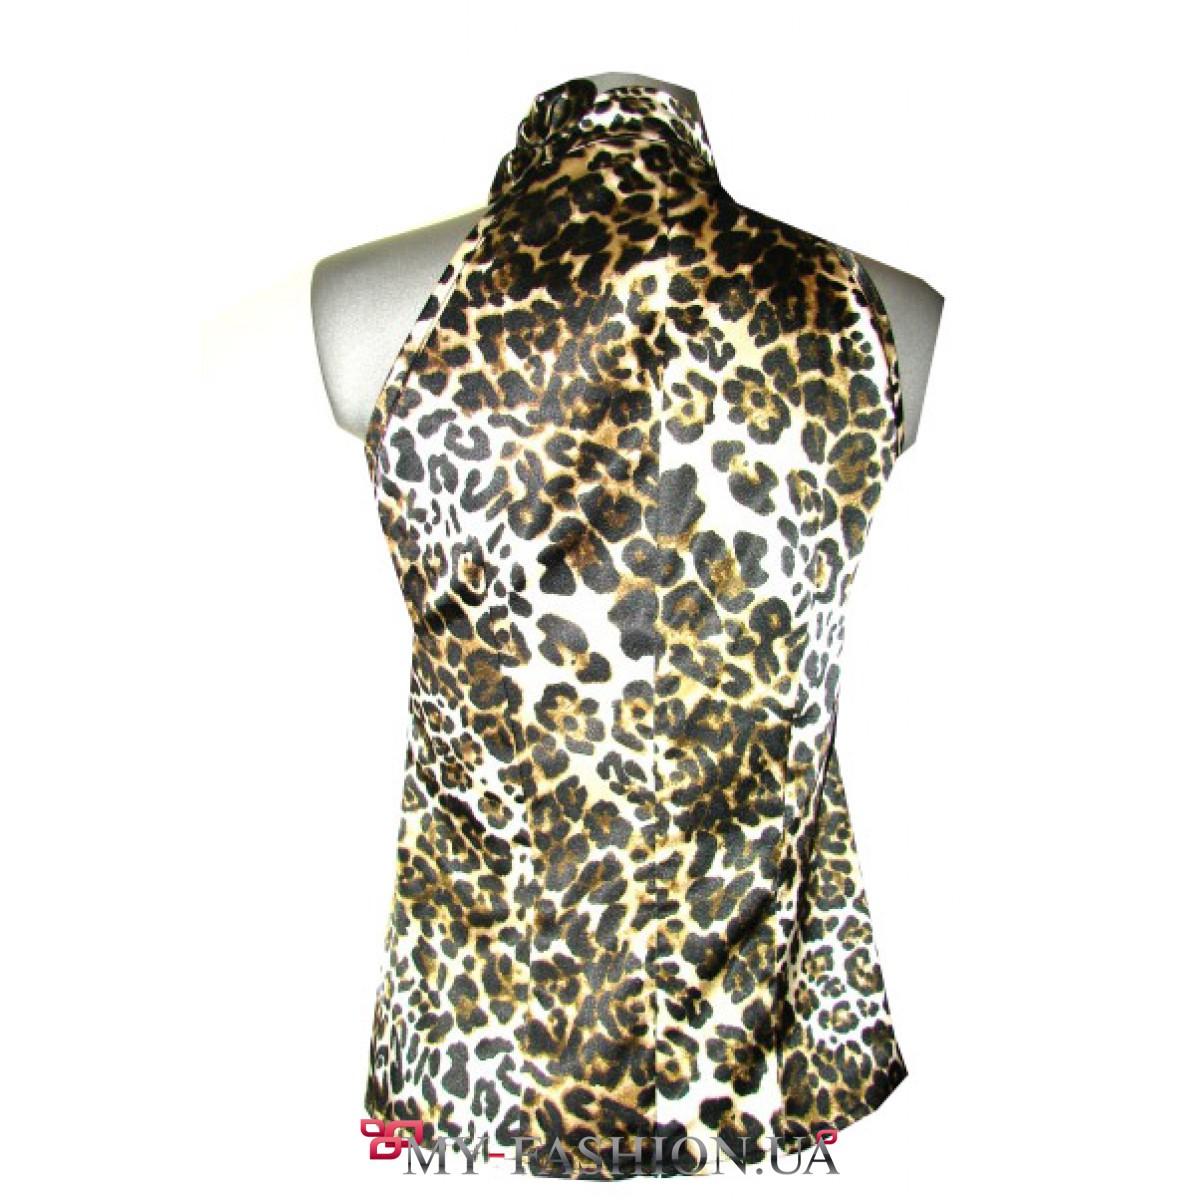 Модные блузки 2017 лето с доставкой